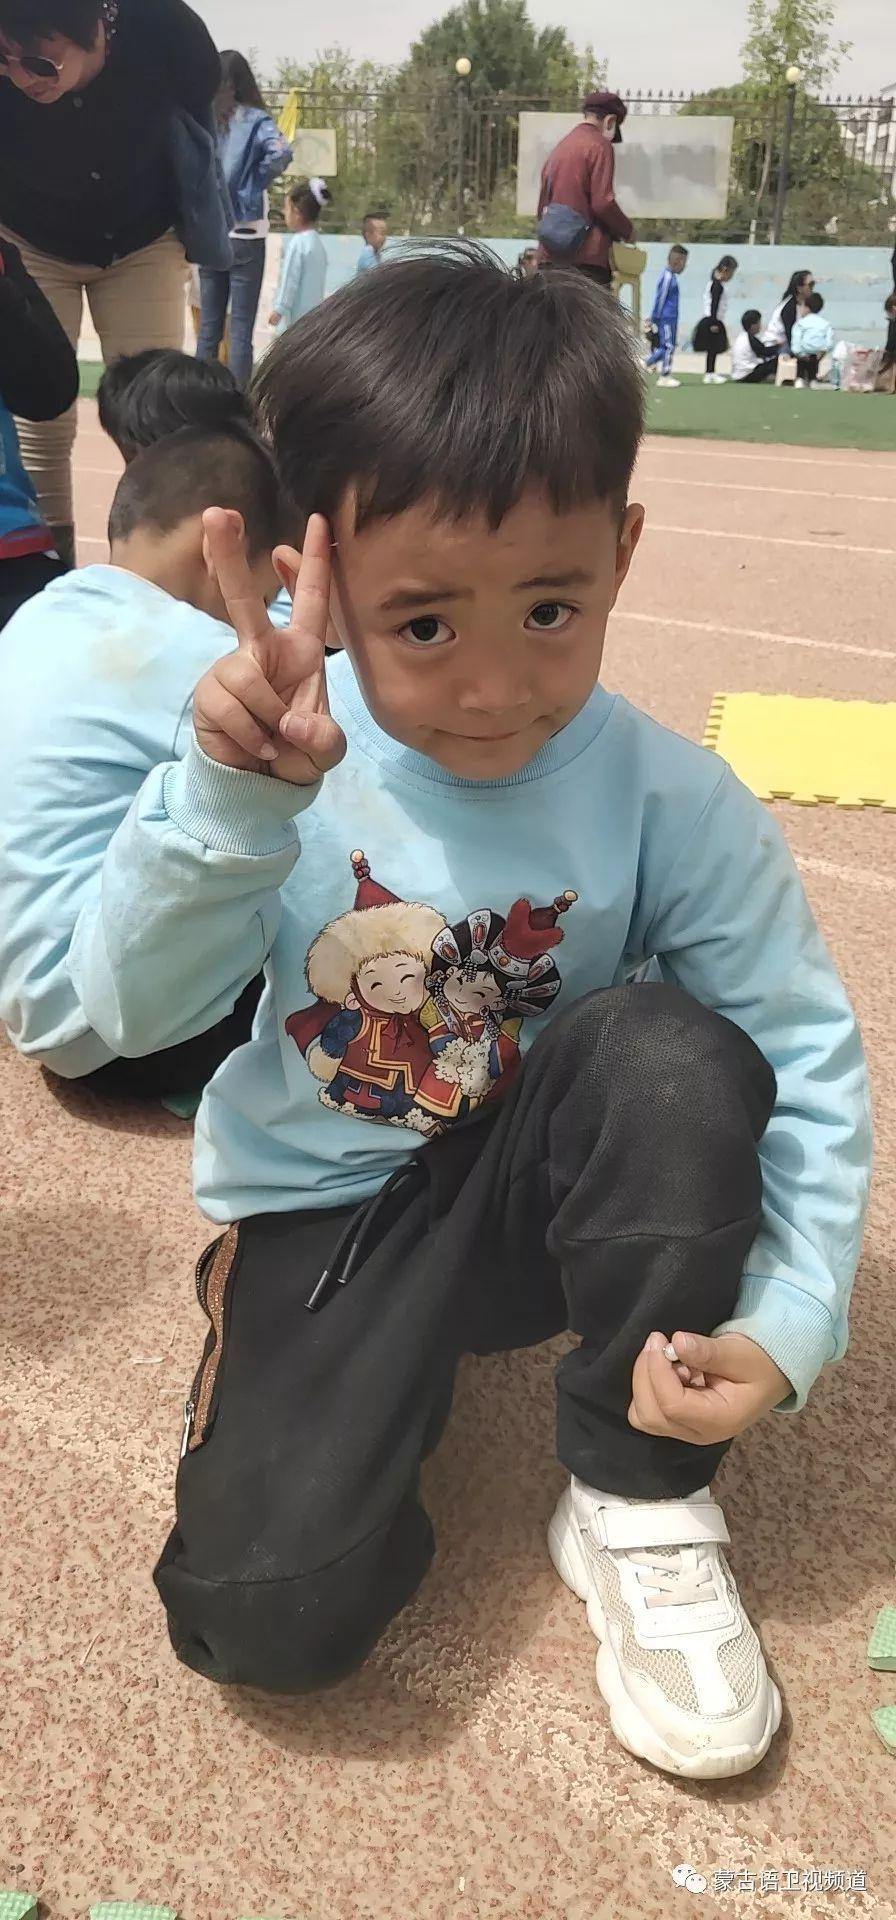 肃北雪山蒙古族孩子们独具特色的六一儿童节 第11张